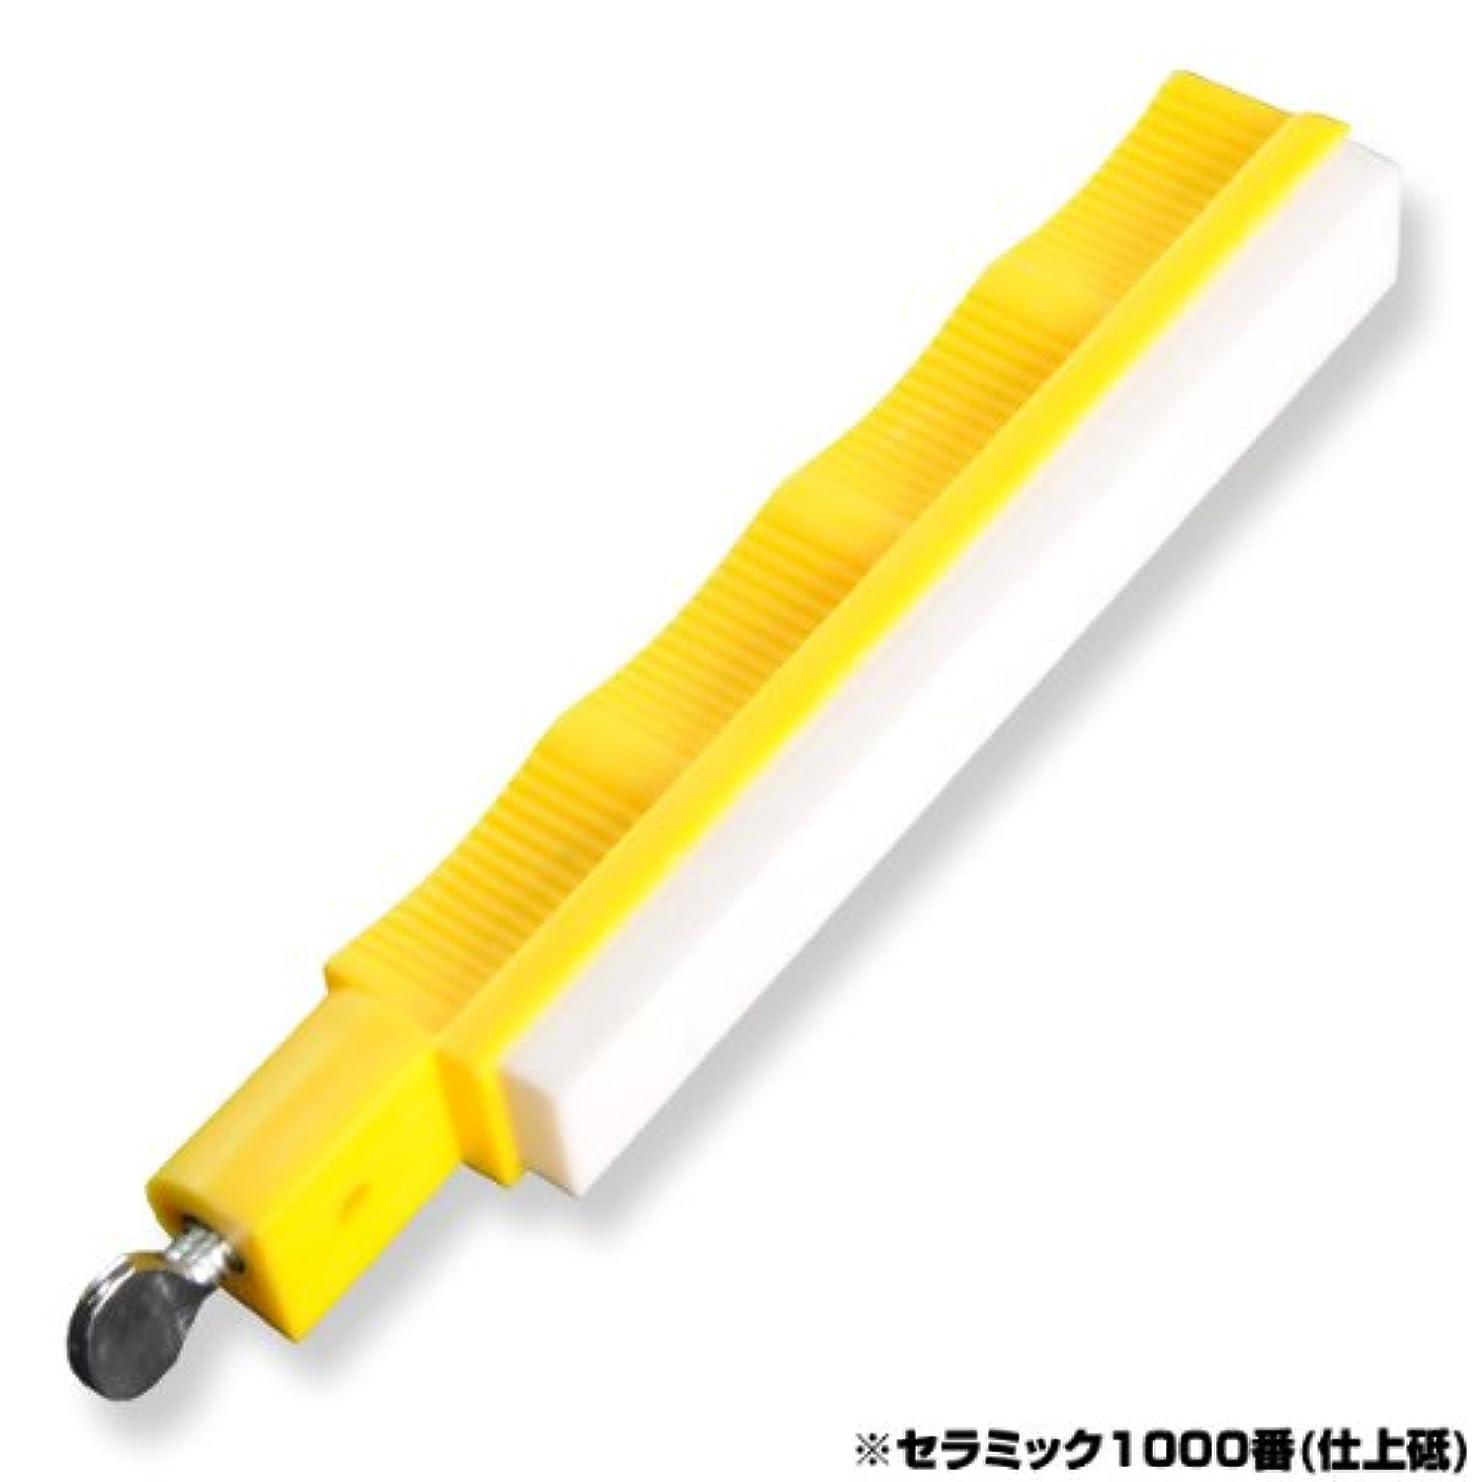 ドレインブリッジ不快ランスキーシャープナー 砥石 補充用 LS1000 セラミック1000番(仕上砥)